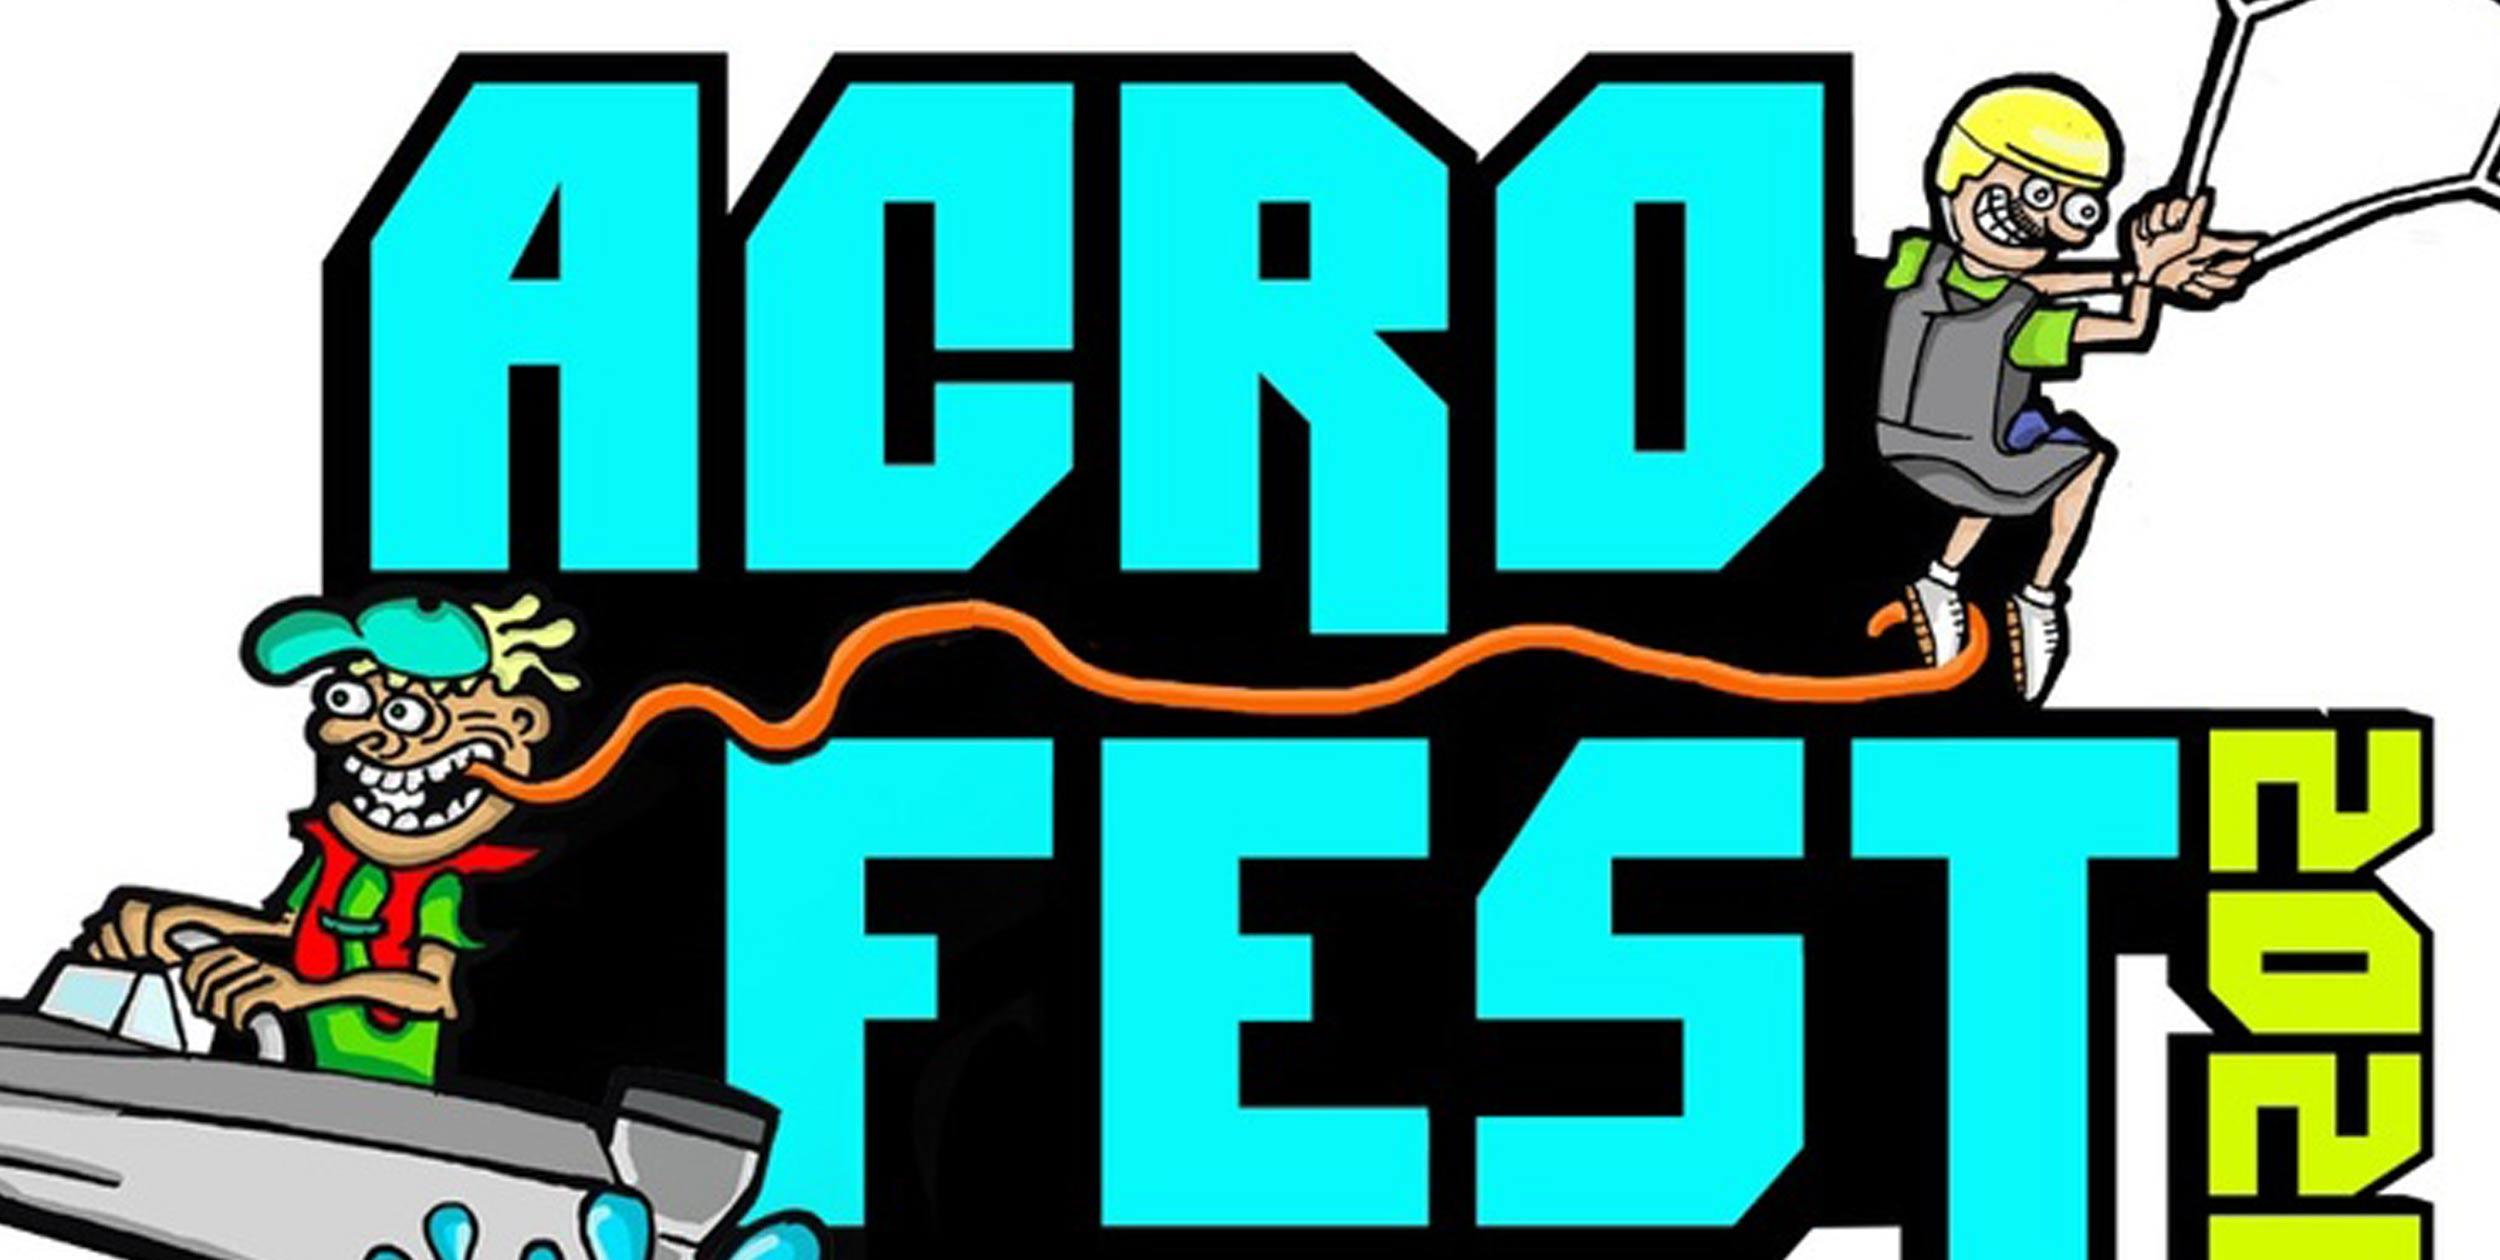 AcroFest 2021